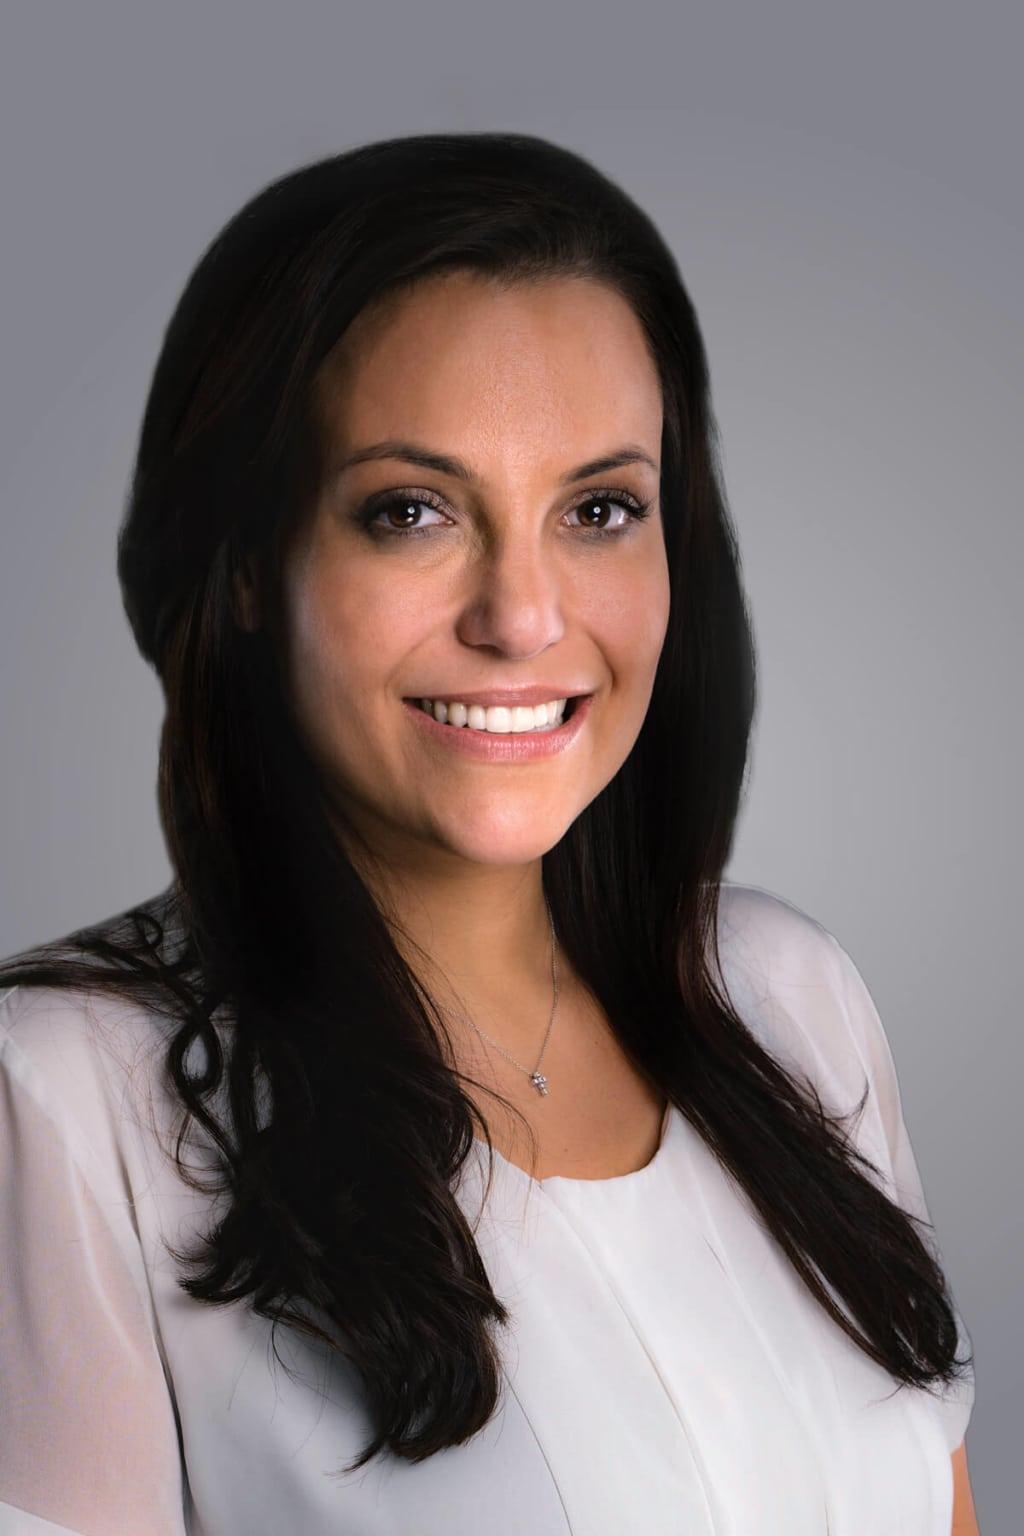 Christina Neuwerth